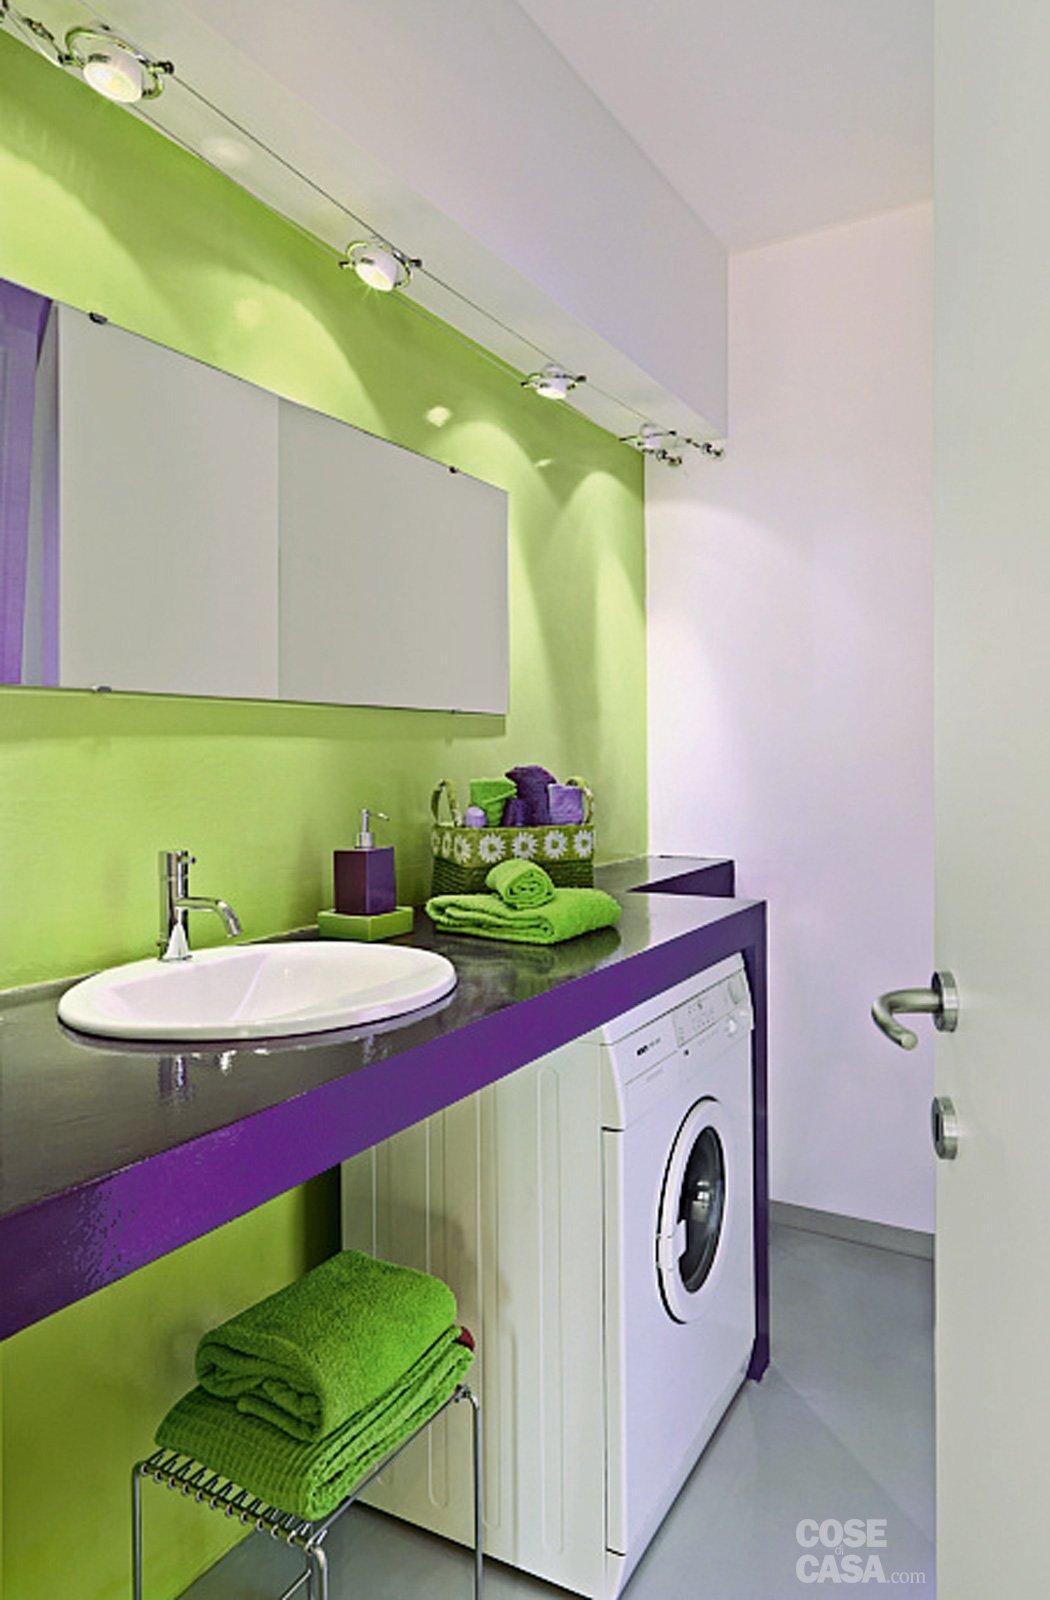 Una casa dallo stile giovane a tinte shocking cose di casa - Divano verde acido ...